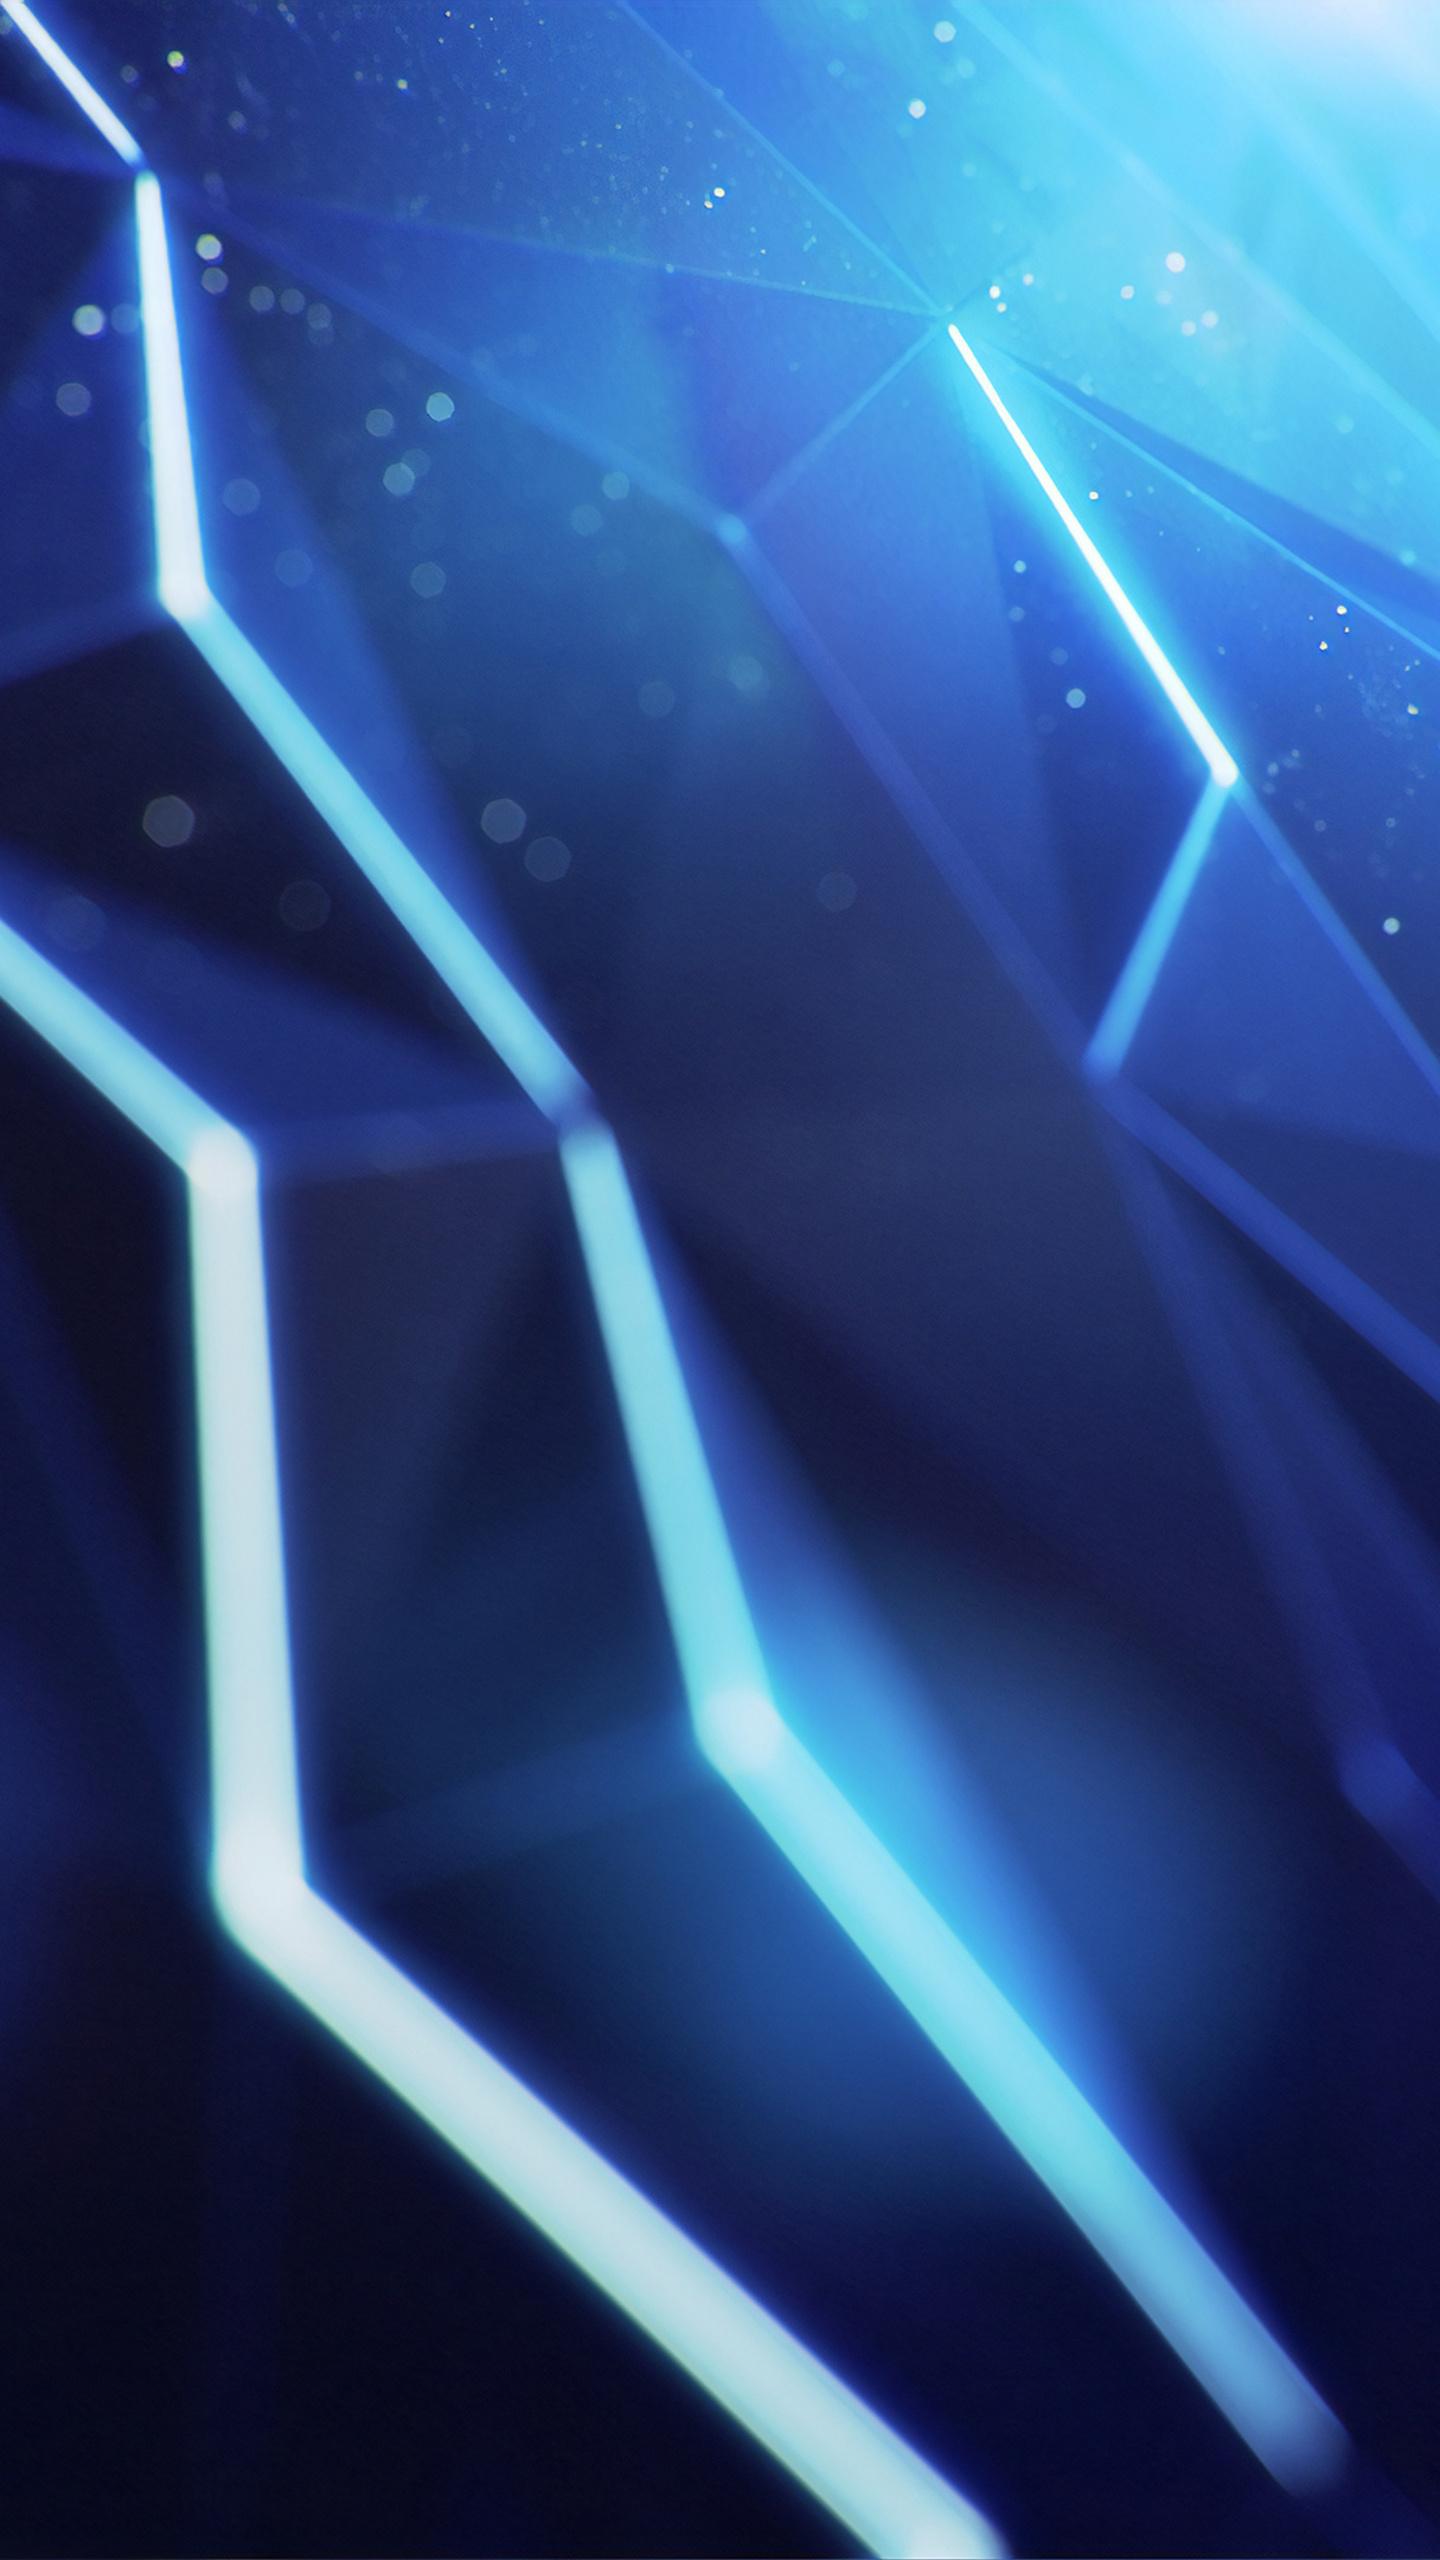 3d-cyan-blue-digital-art-4k-ki.jpg